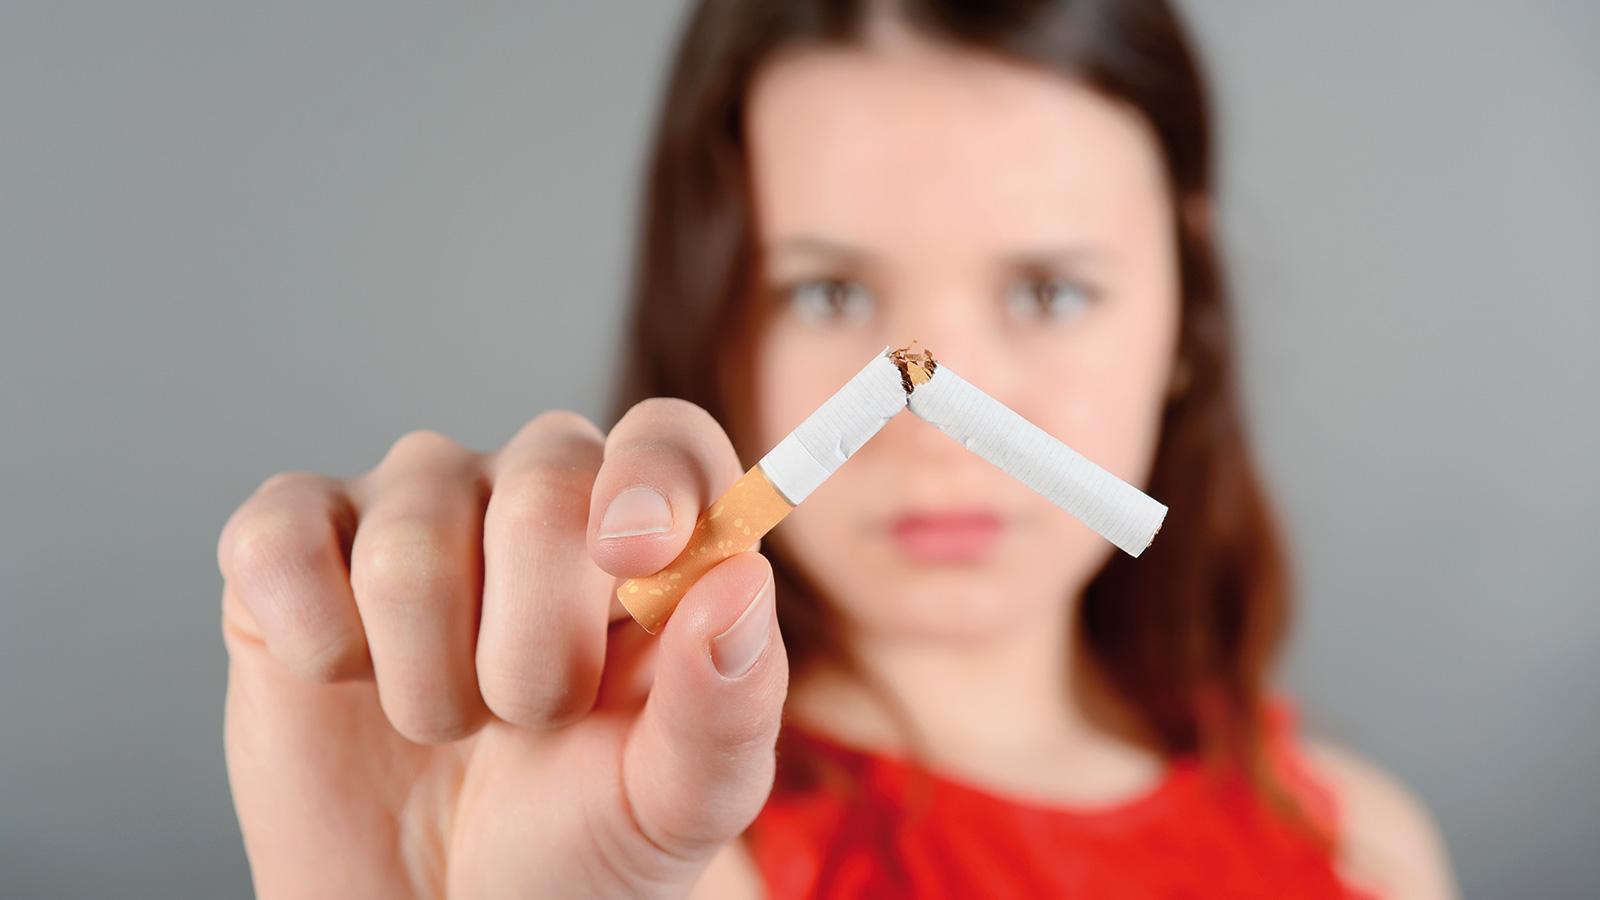 Tabac-tabagisme-jeune-femme